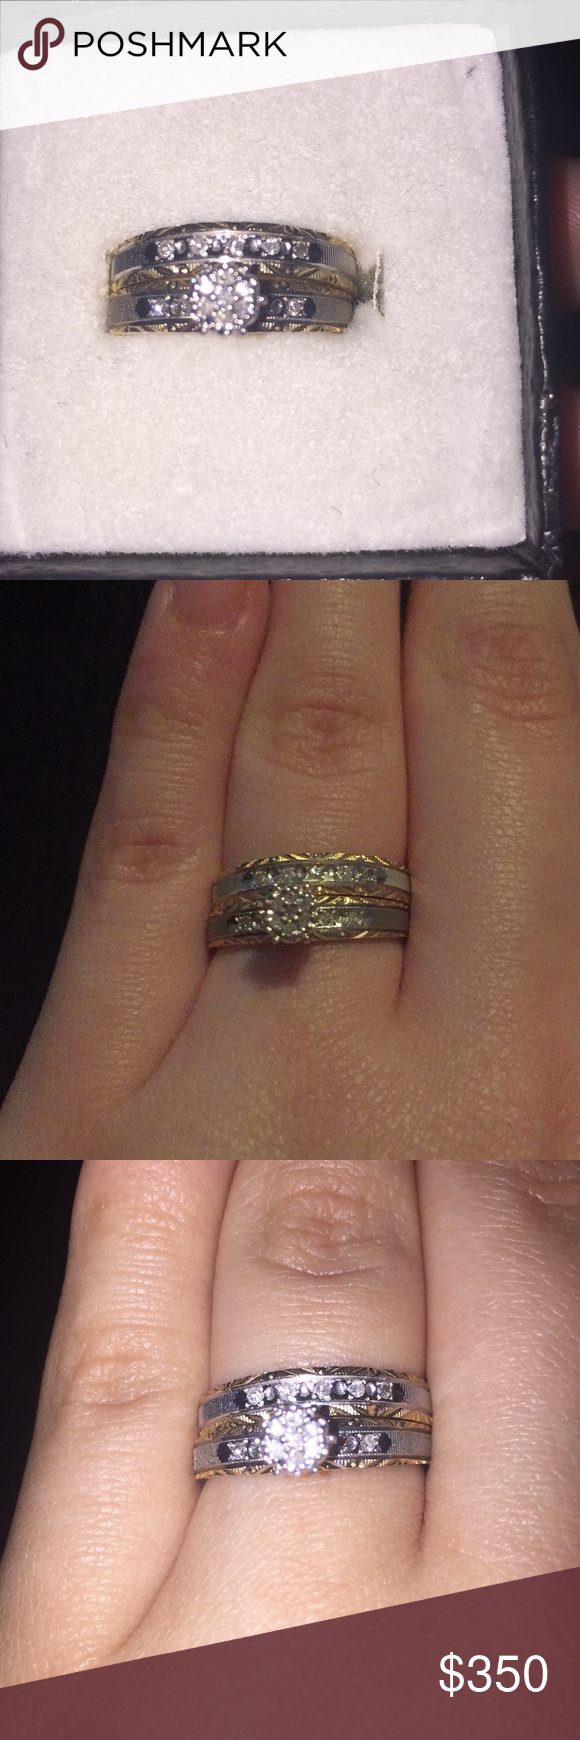 Wedding ring, engagement ring set 1/10 carat diamond 10k